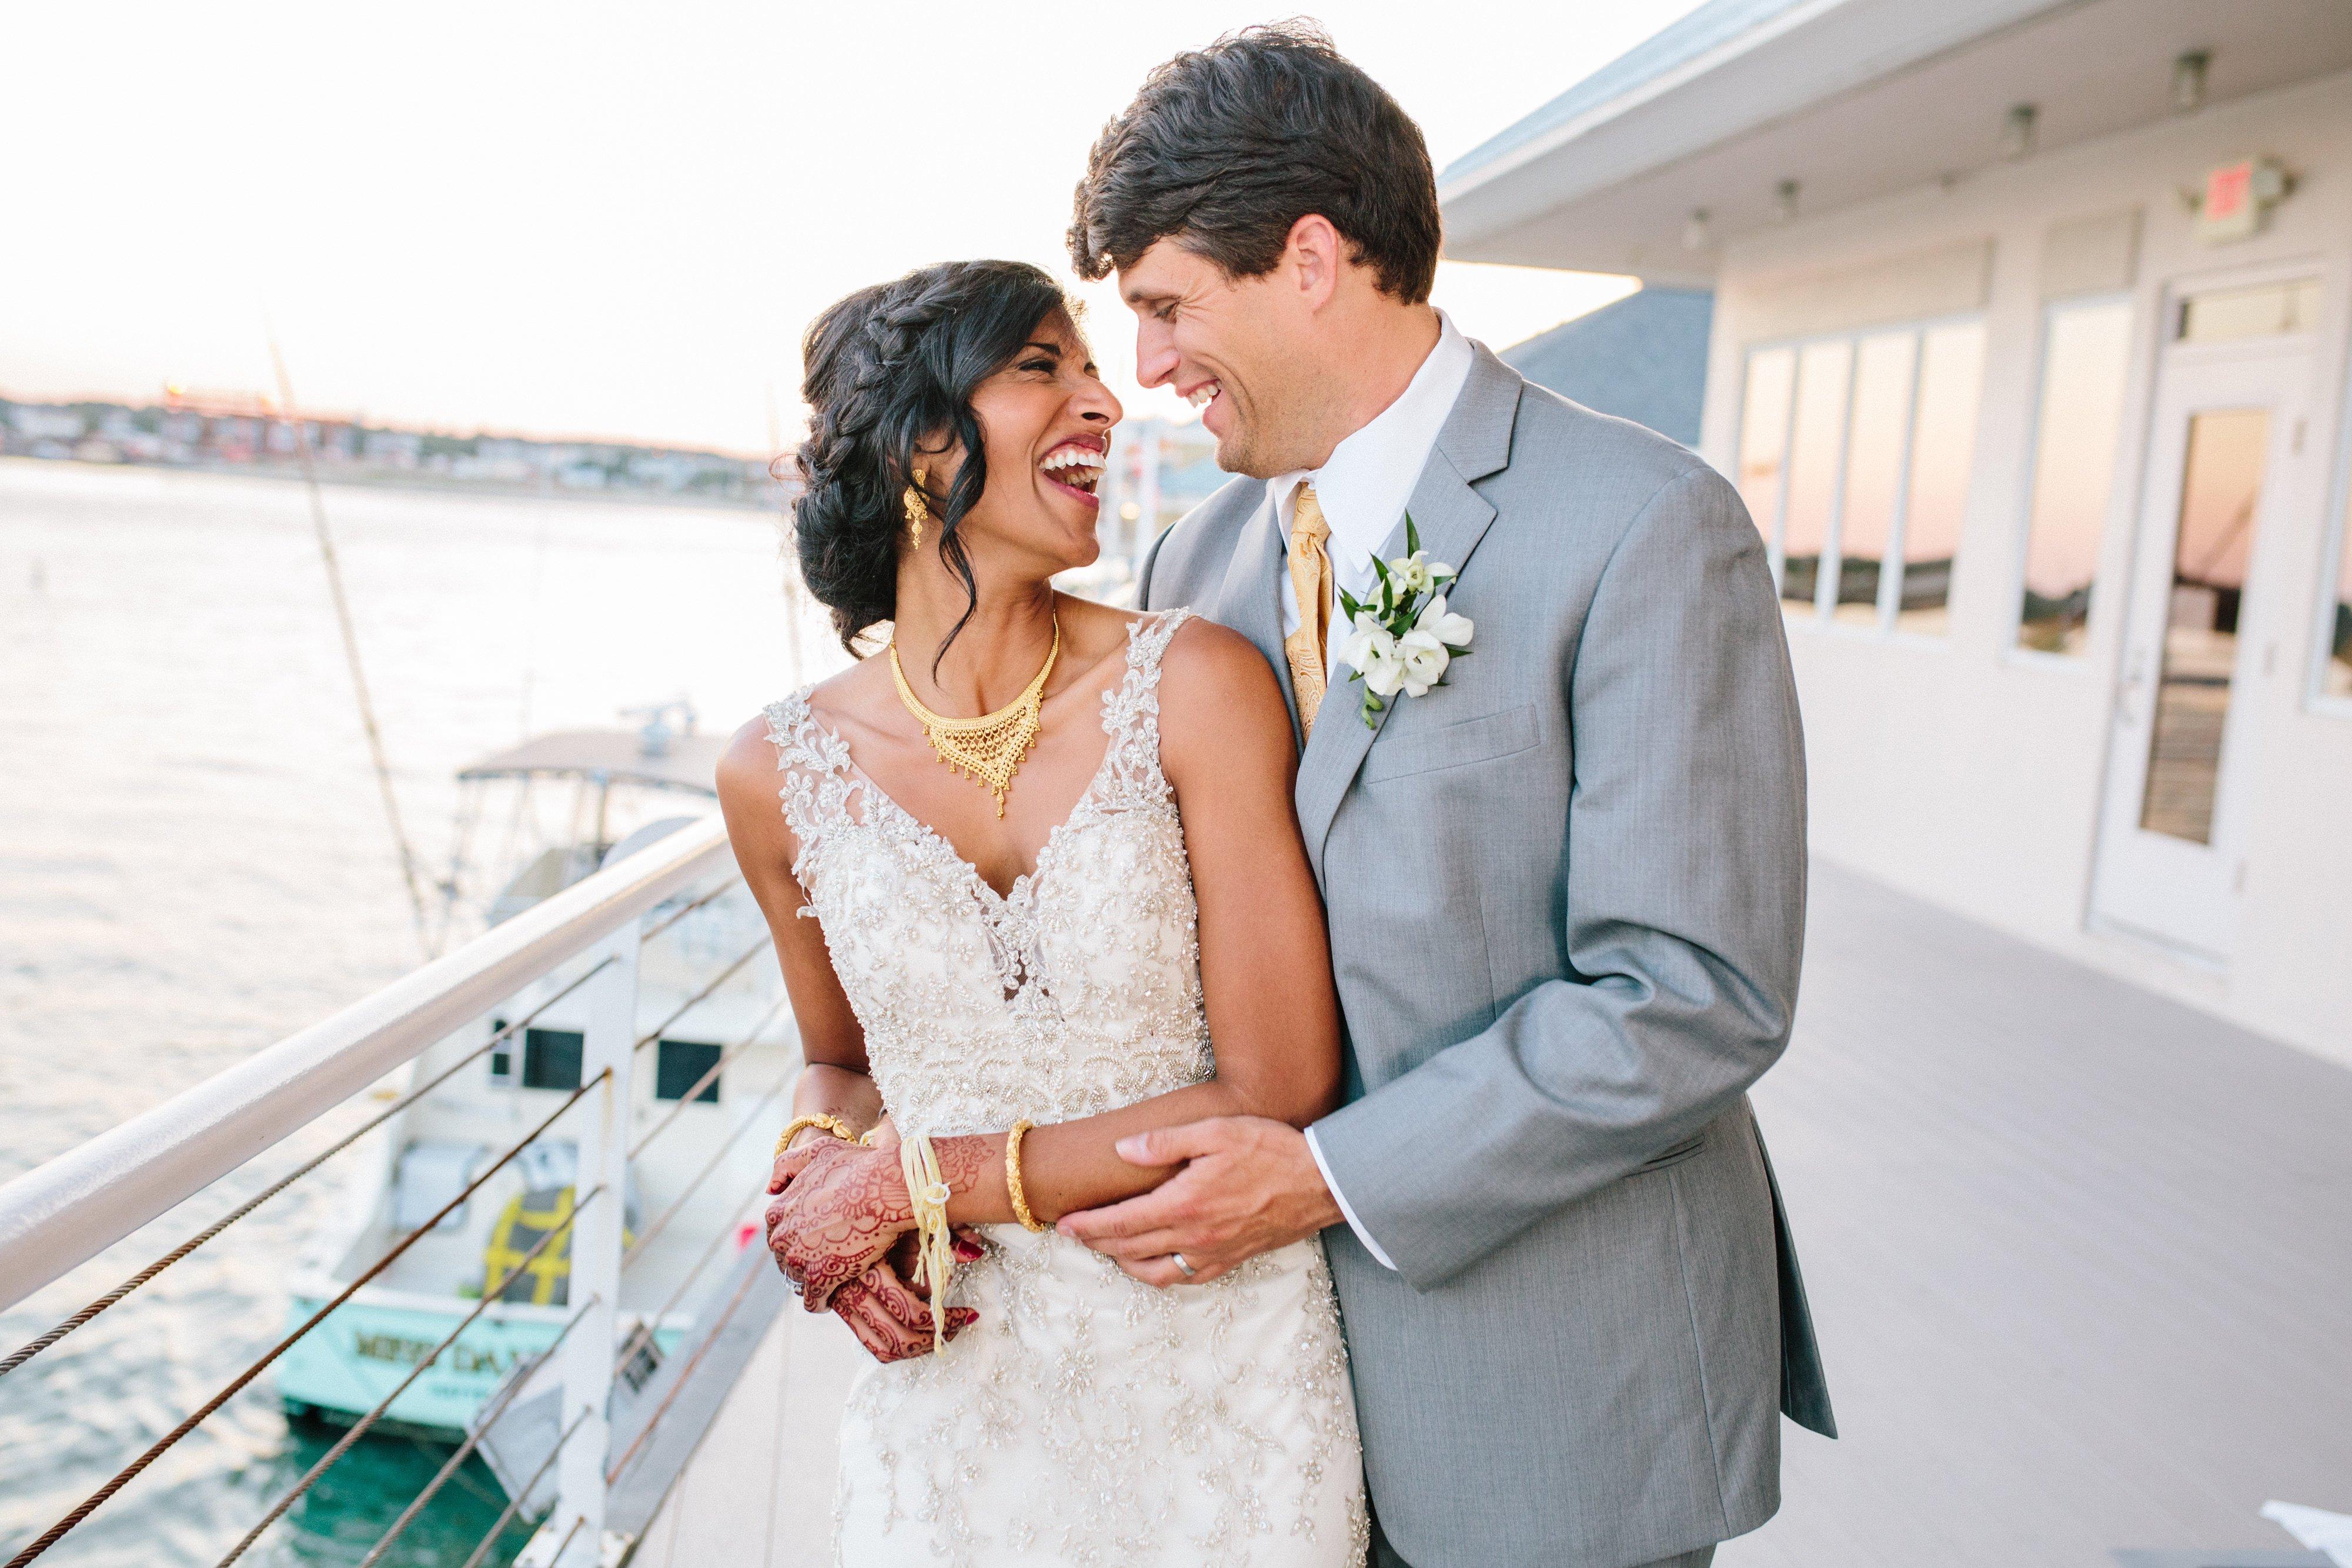 Best Waterfront Wedding Venue Virginia Beach Lesner Inn 74.jpg